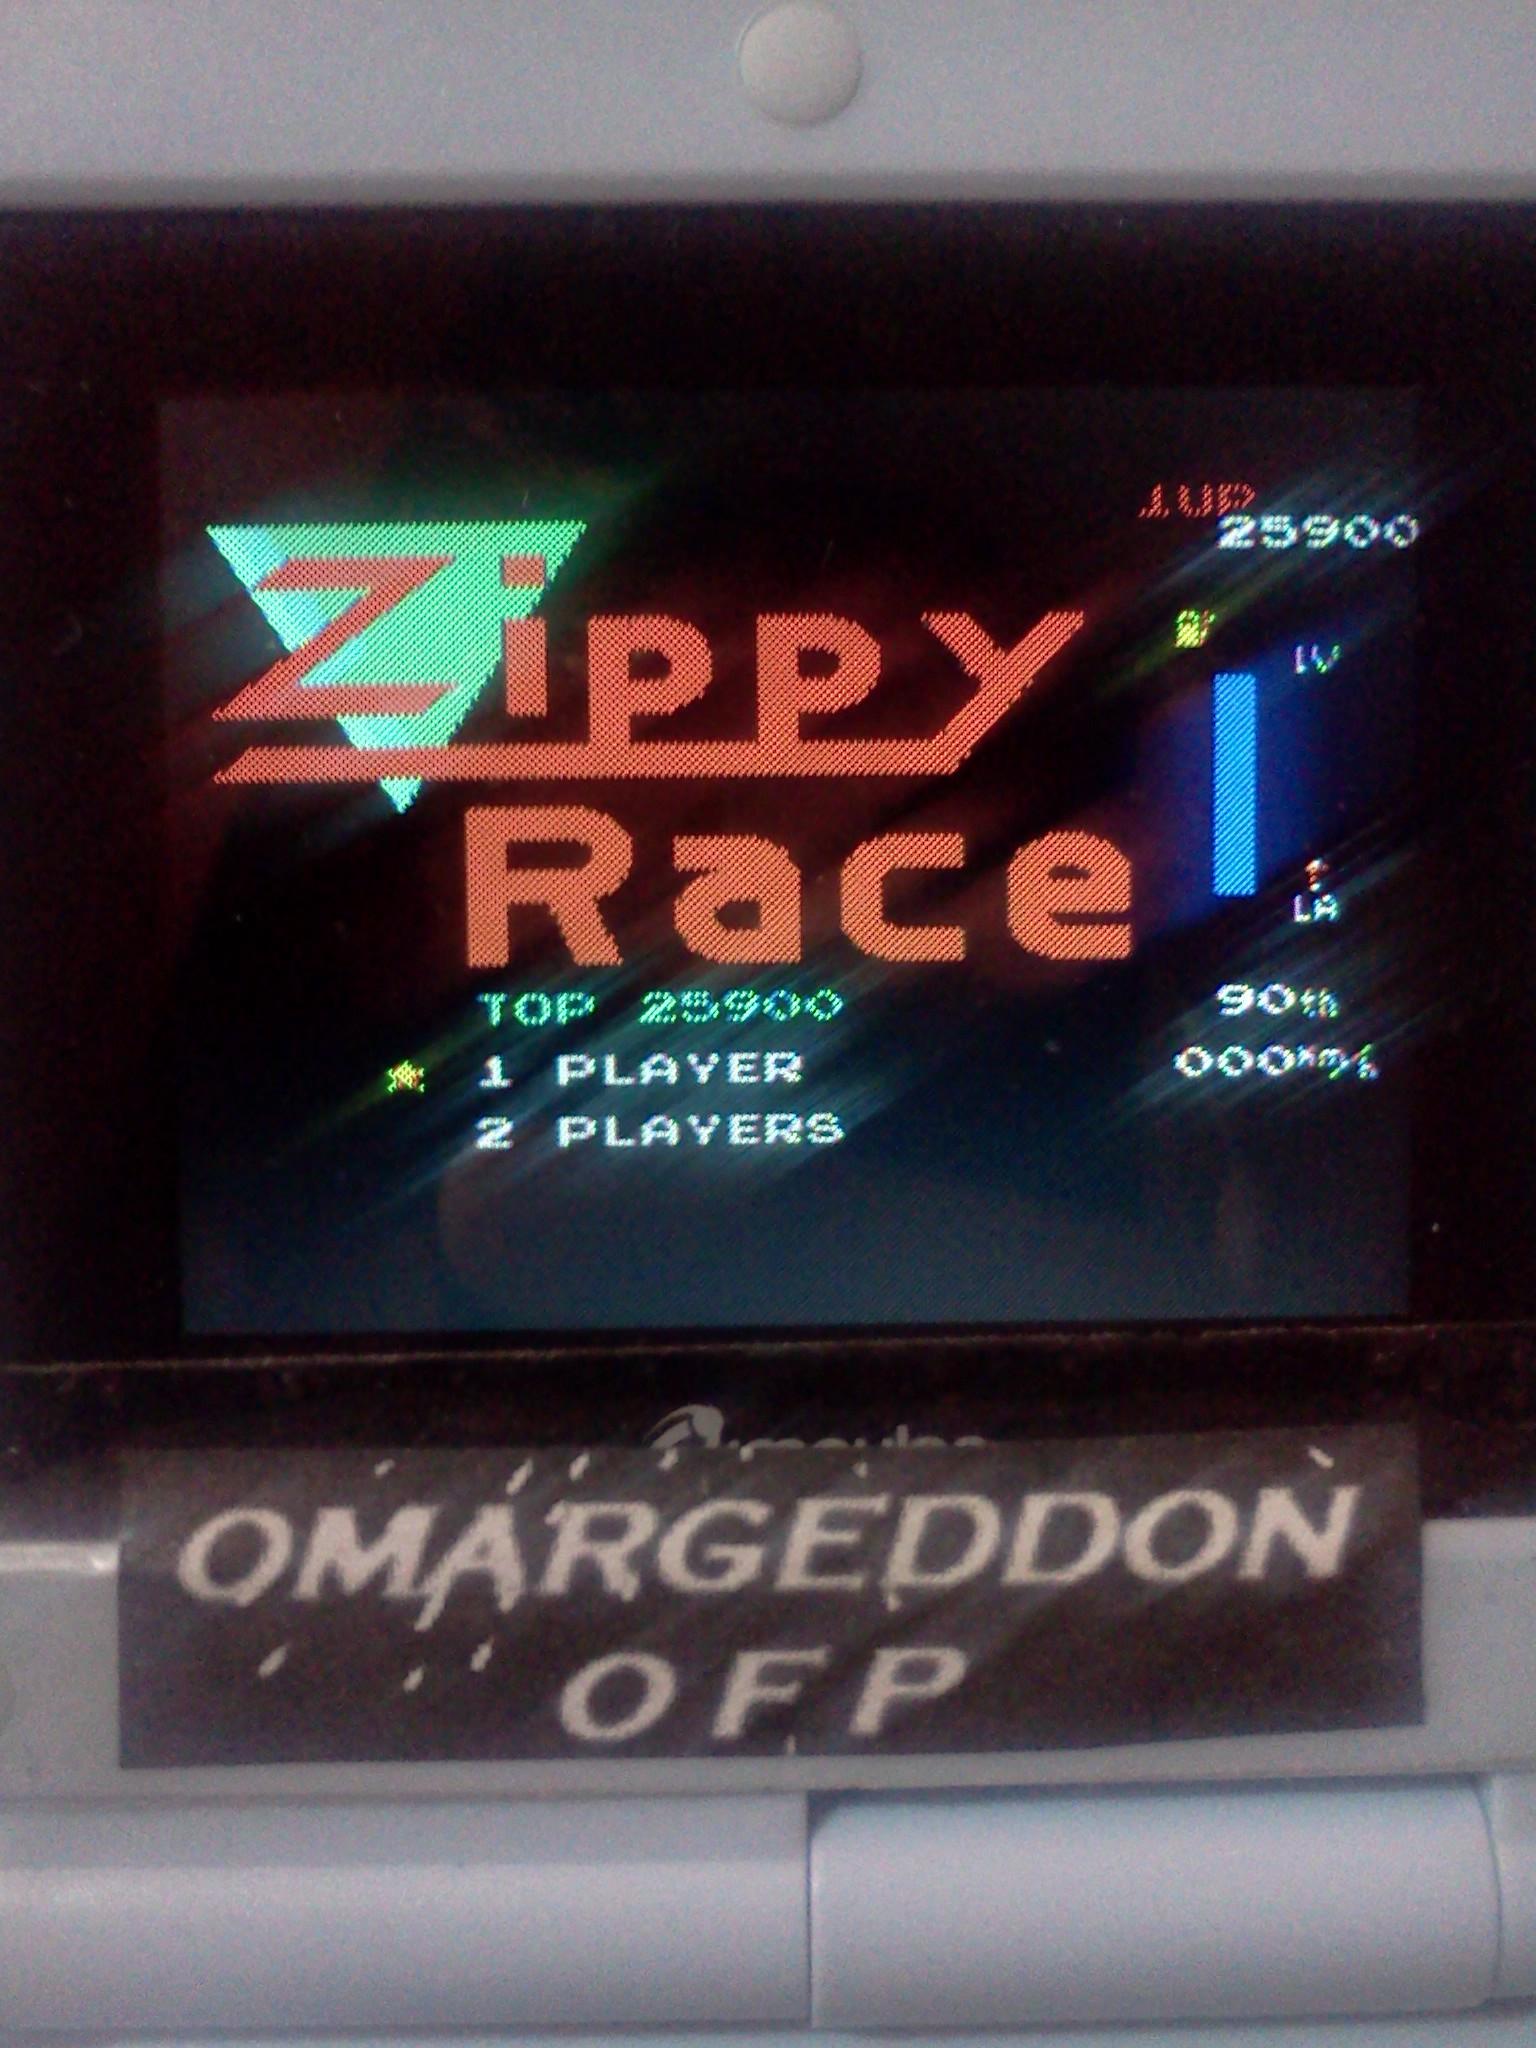 omargeddon: Zippy Race / MotoRace U.S.A. (NES/Famicom Emulated) 25,900 points on 2016-07-28 00:38:36